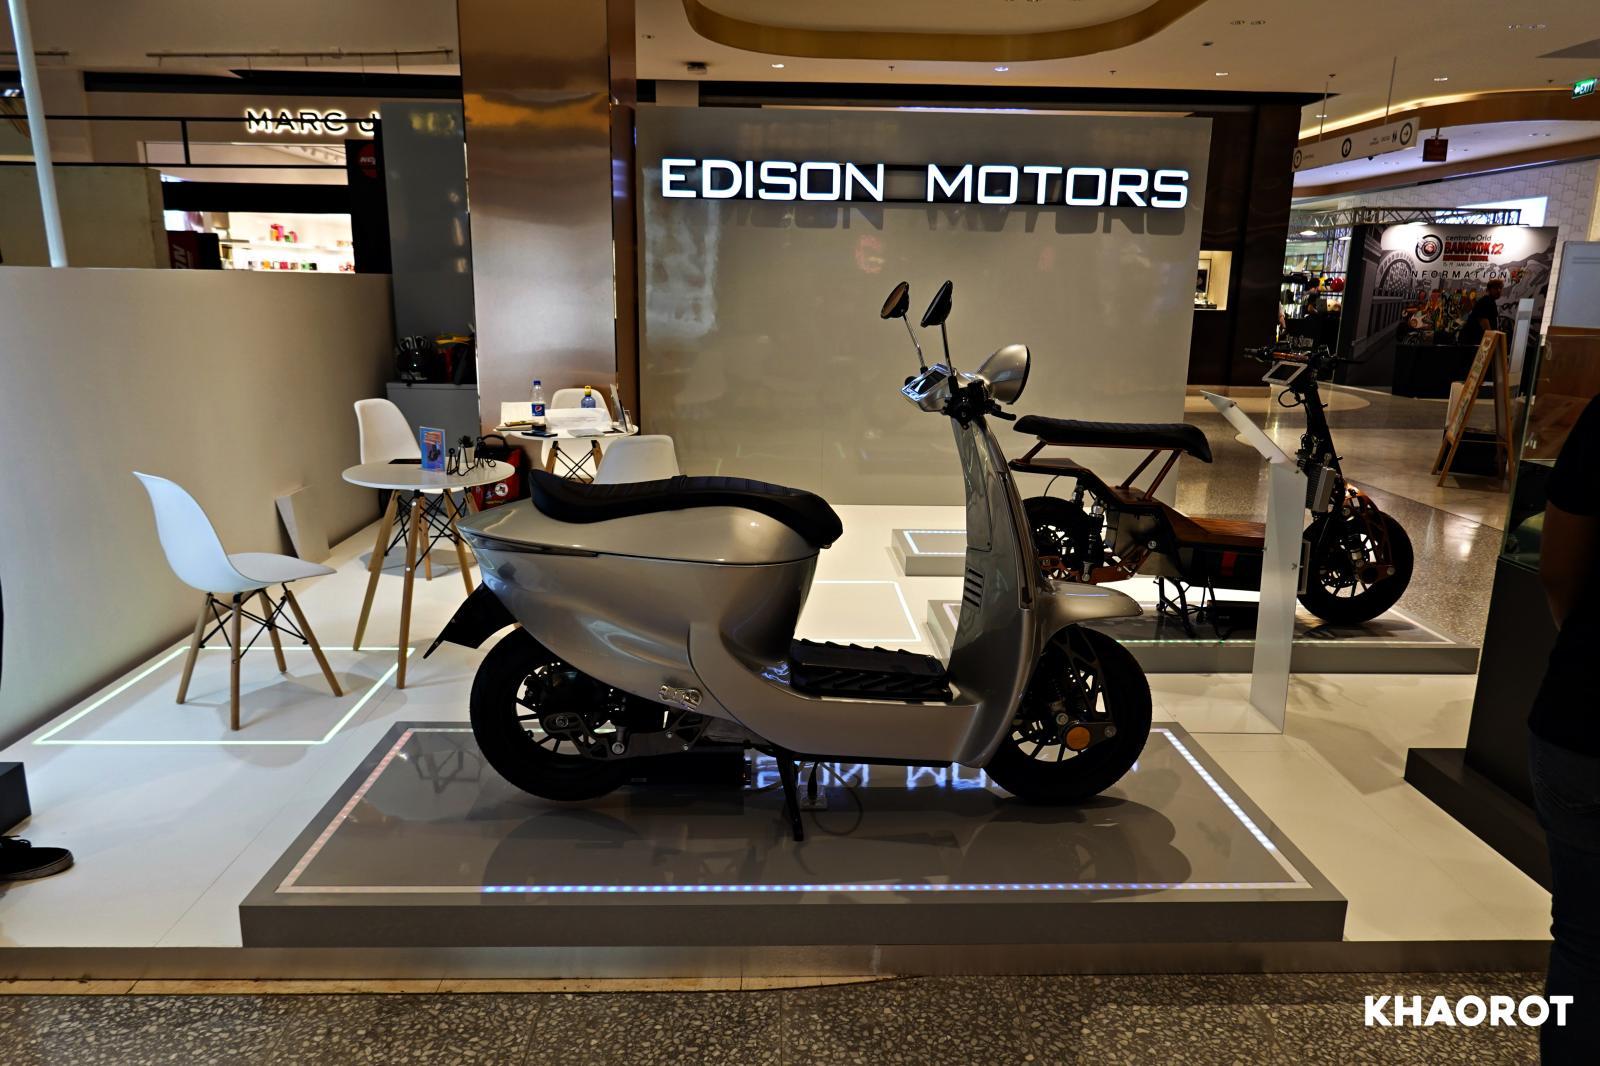 Edison Motors